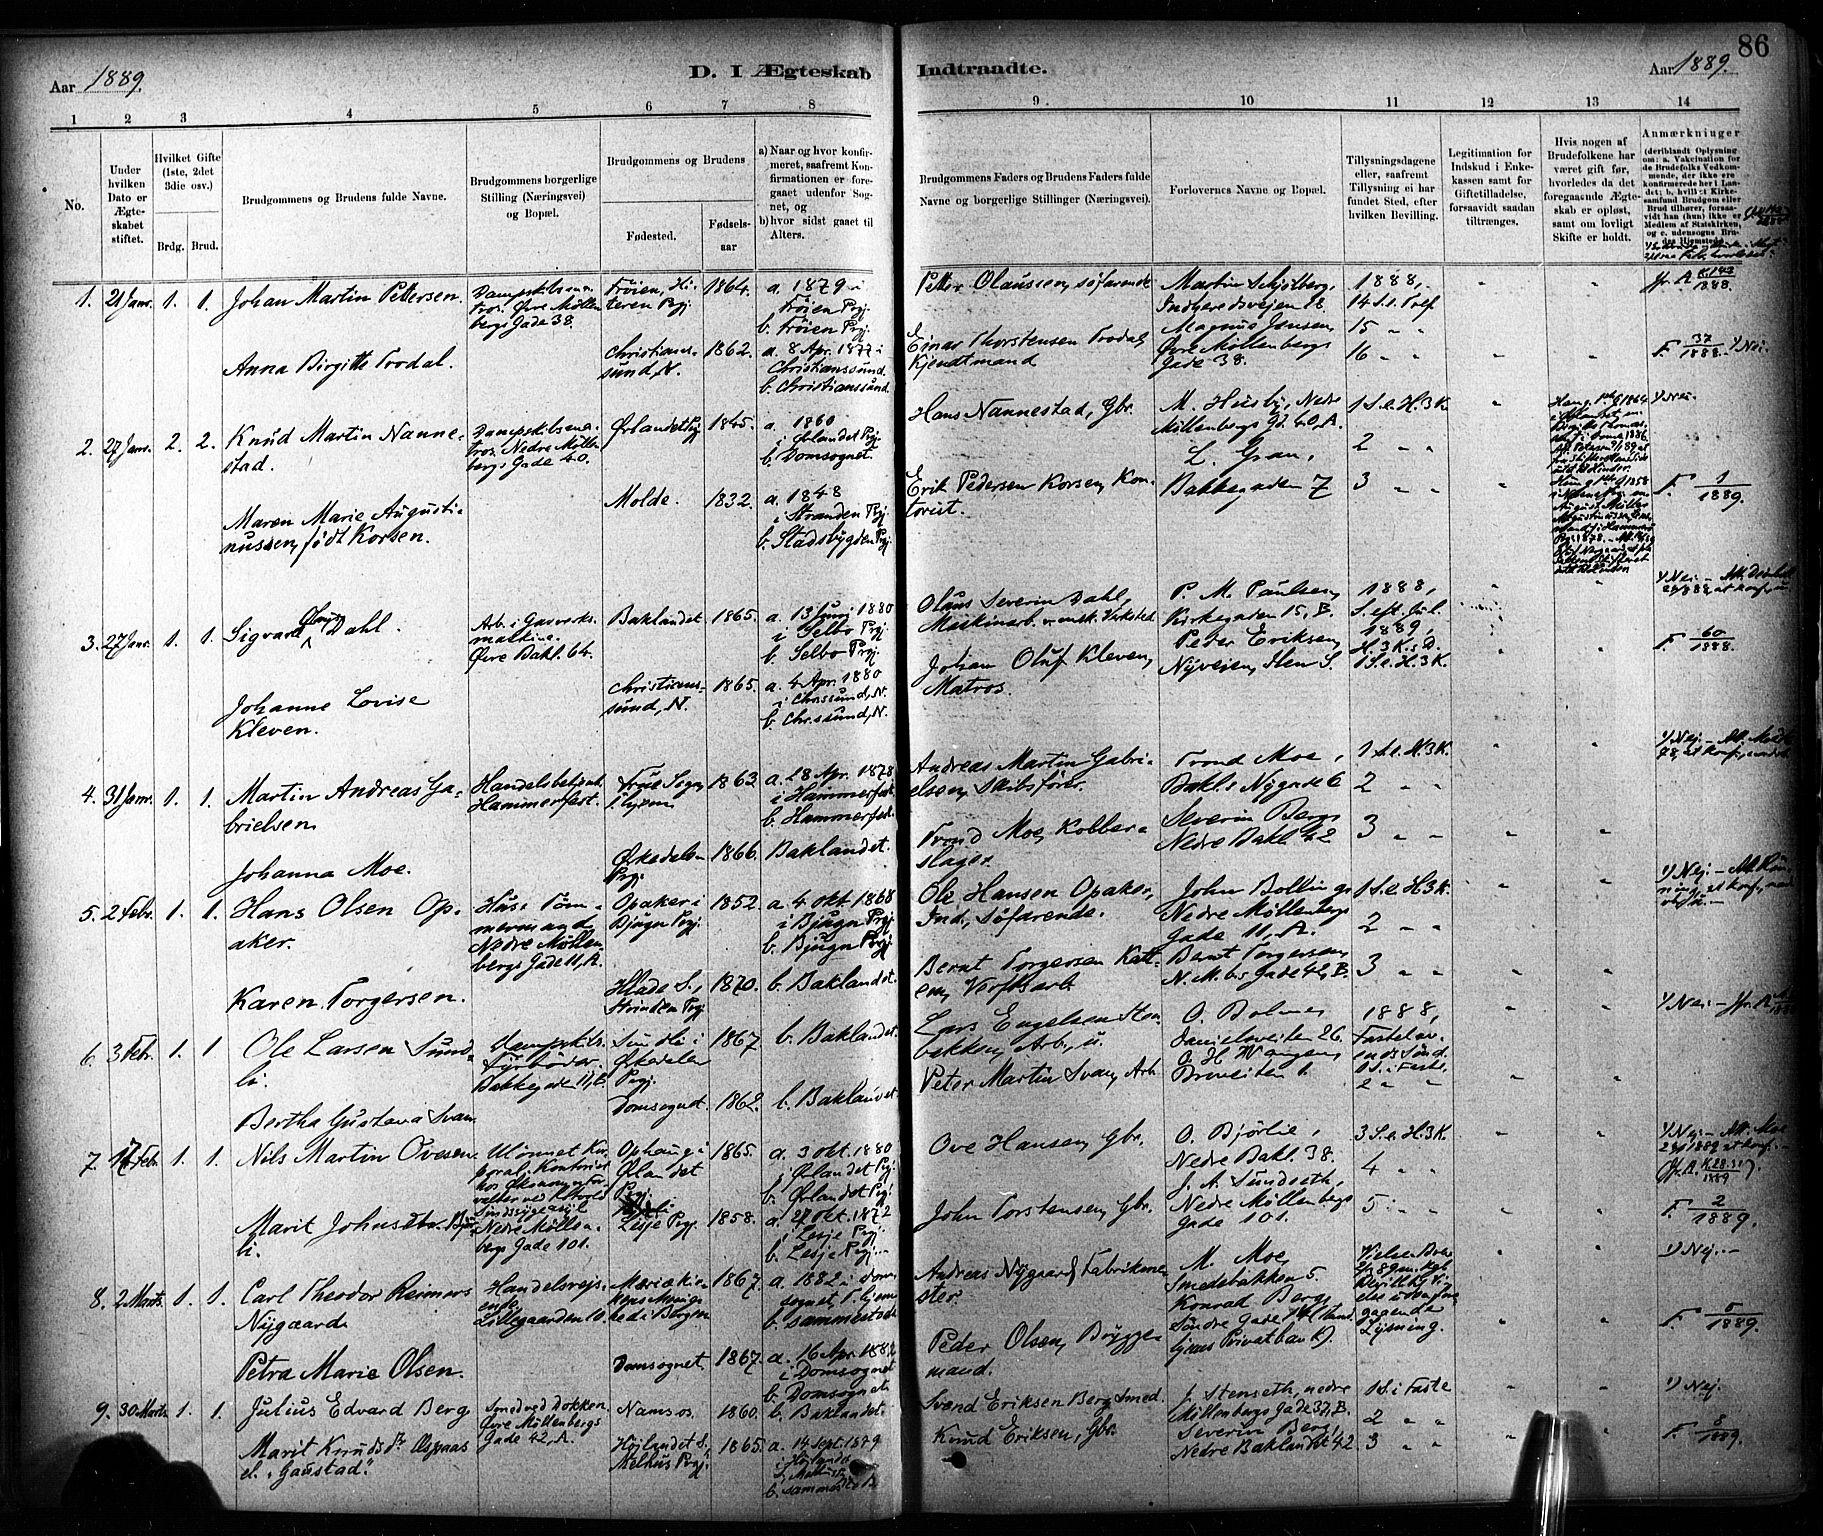 SAT, Ministerialprotokoller, klokkerbøker og fødselsregistre - Sør-Trøndelag, 604/L0189: Ministerialbok nr. 604A10, 1878-1892, s. 86